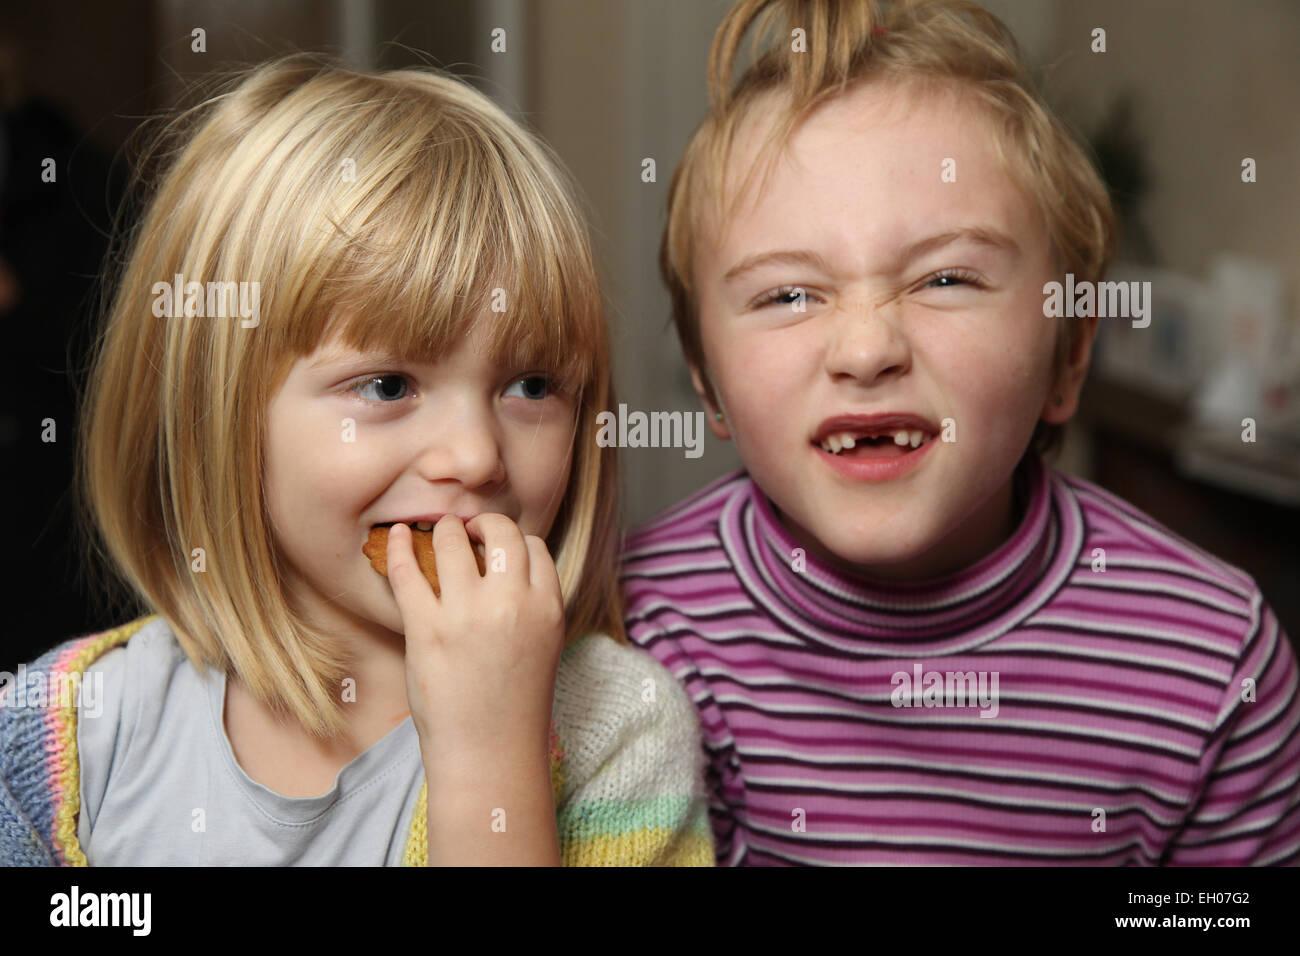 Los niños haciendo muecas - modelo liberado Imagen De Stock